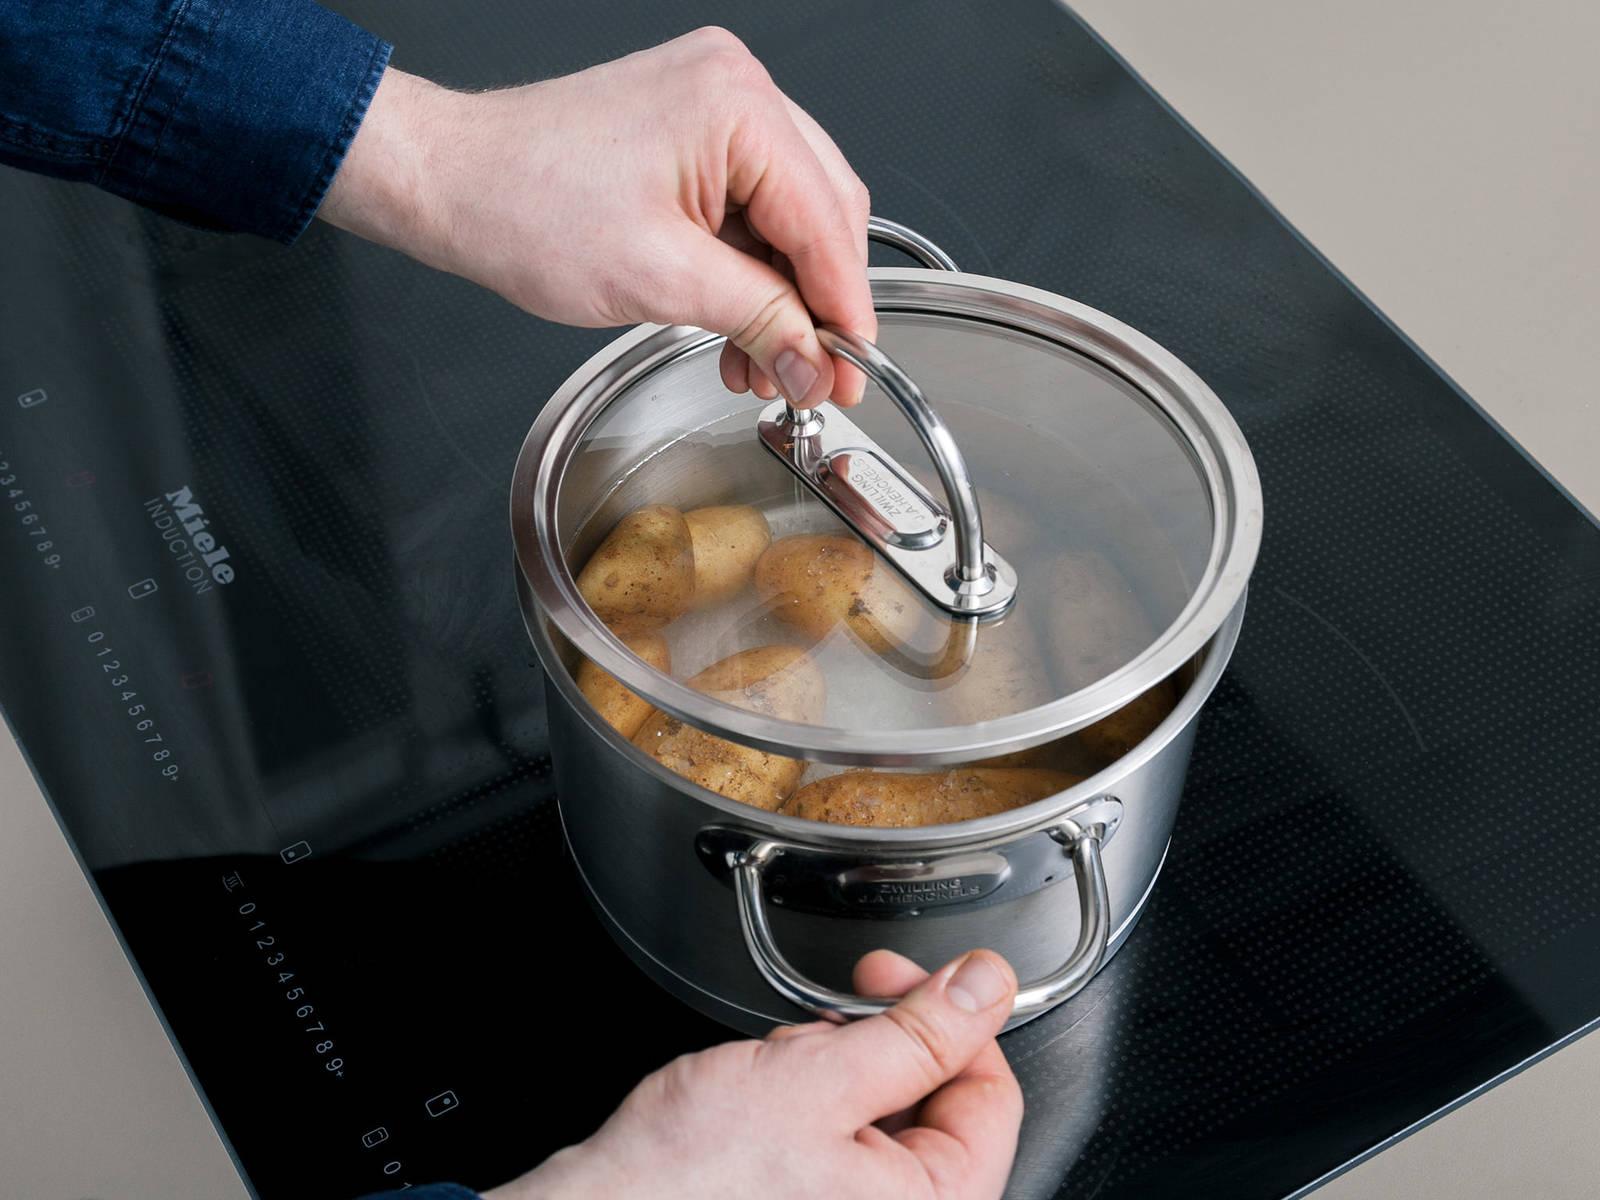 Frühkartoffeln waschen und zusammen mit Meersalz in einen Topf geben. Mit Wasser auffüllen, bis die Kartoffeln vollständig bedeckt sind. Abgedeckt für ca. 25 Min. kochen lassen.